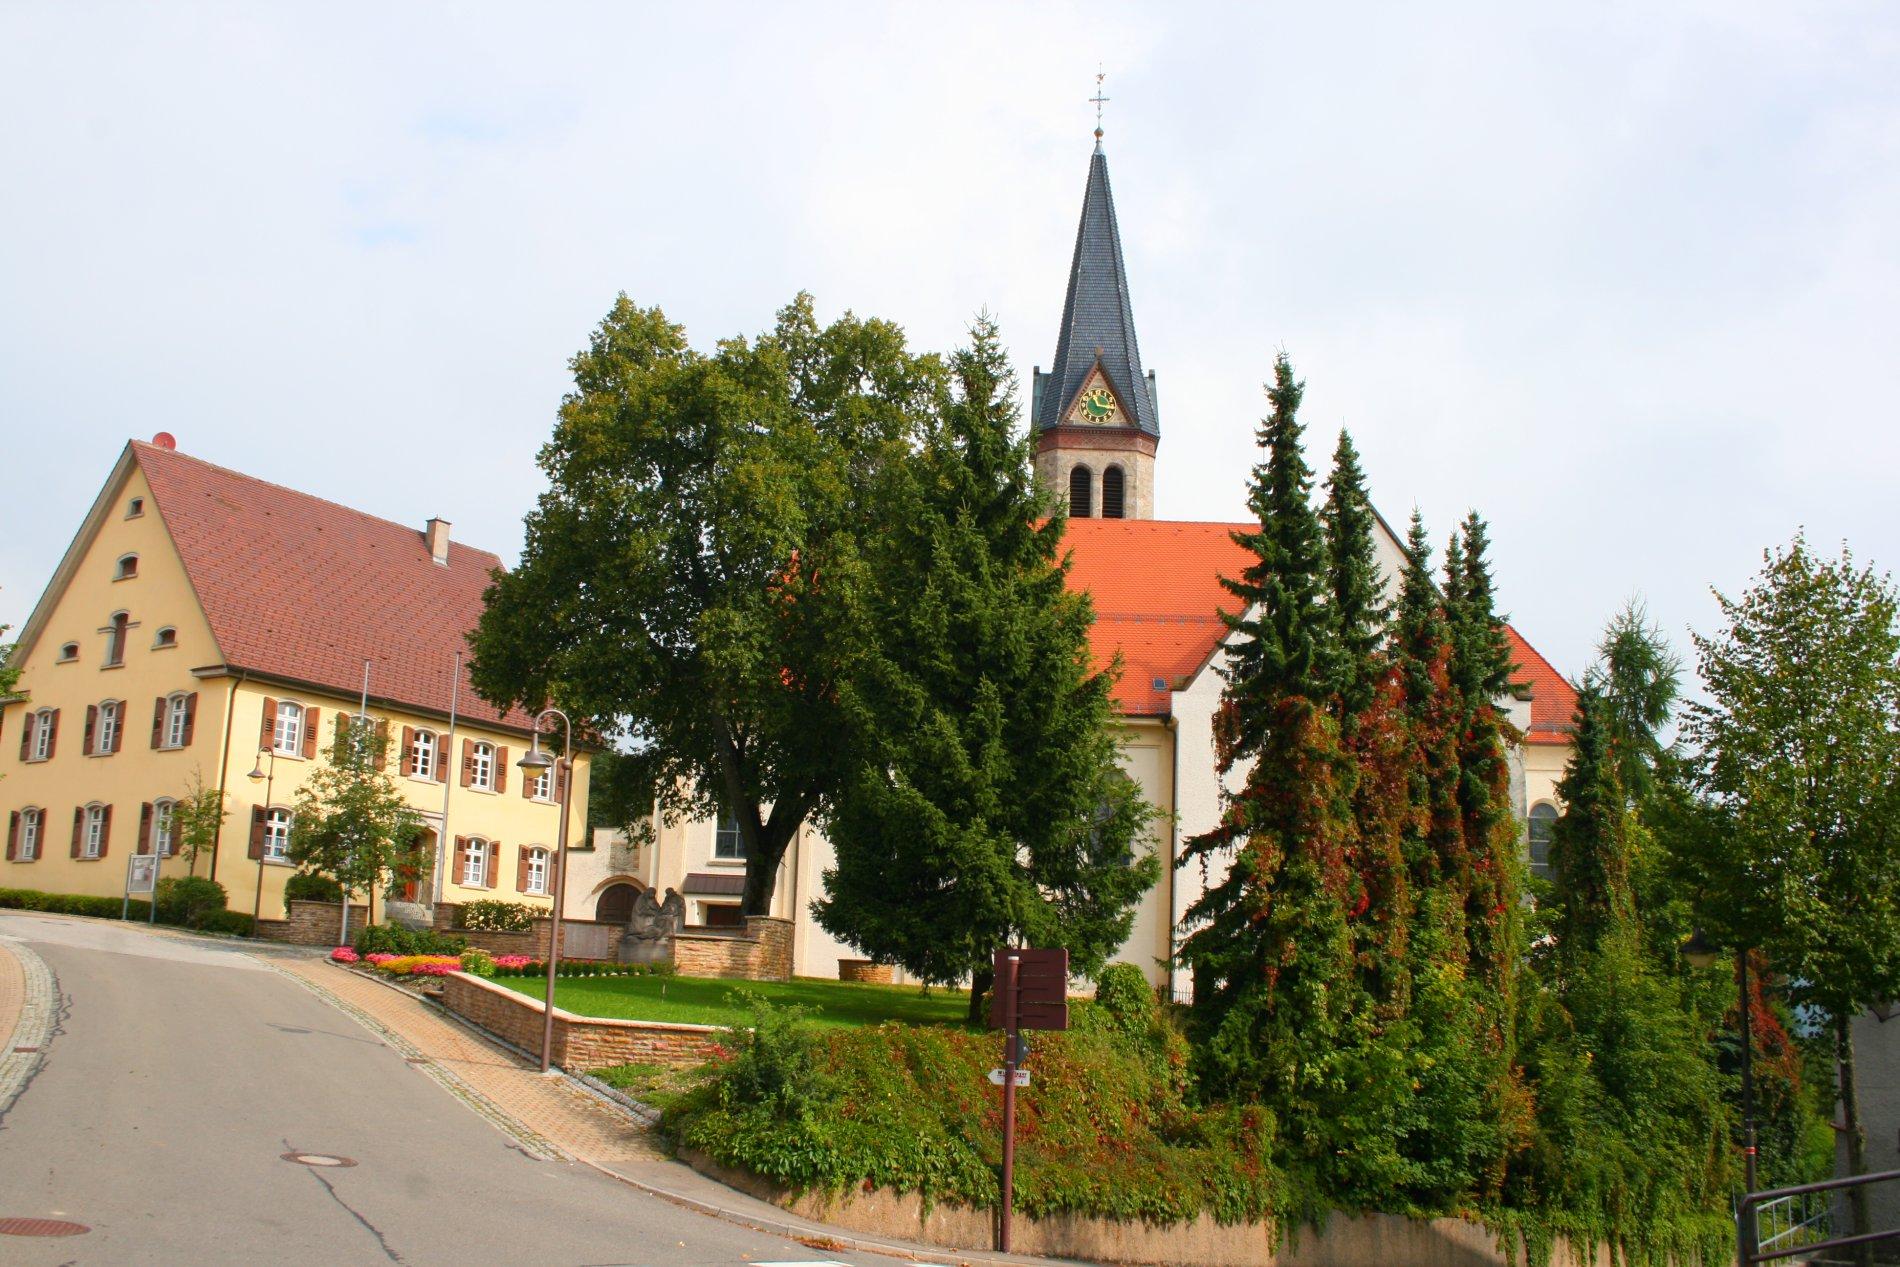 Kirche St. Afra von Bäumen verdeckt